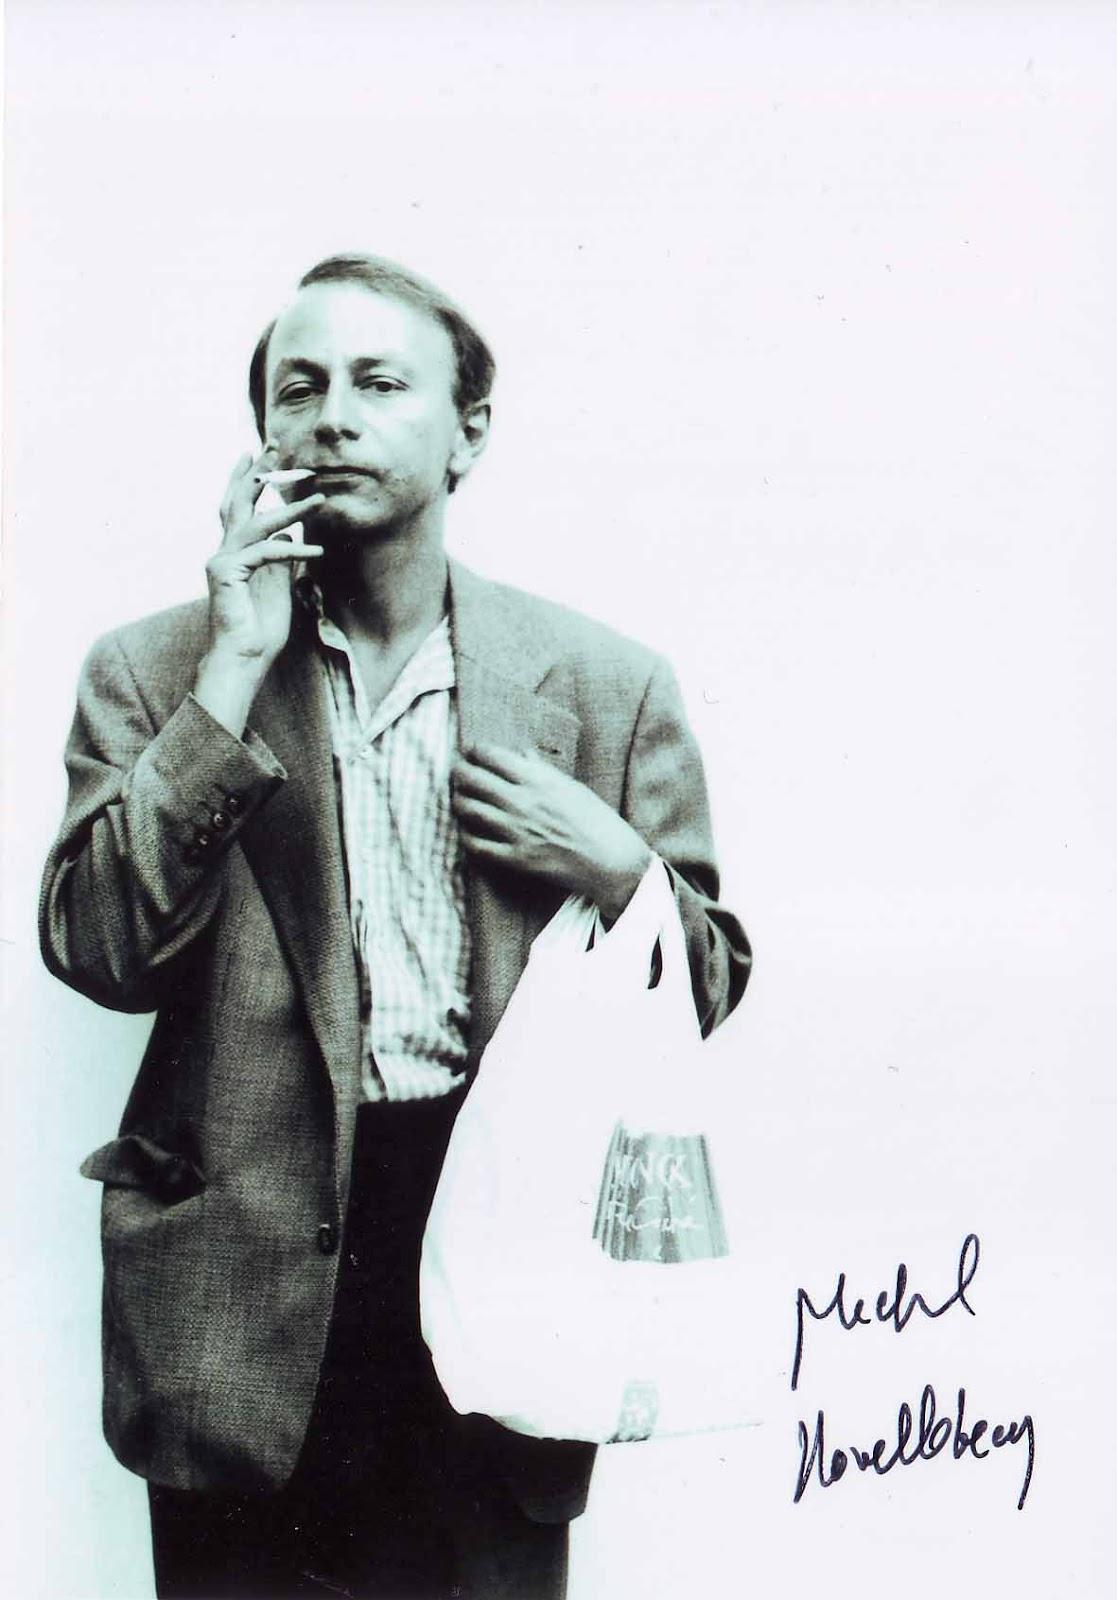 Marquis de sade 1994 - 3 3